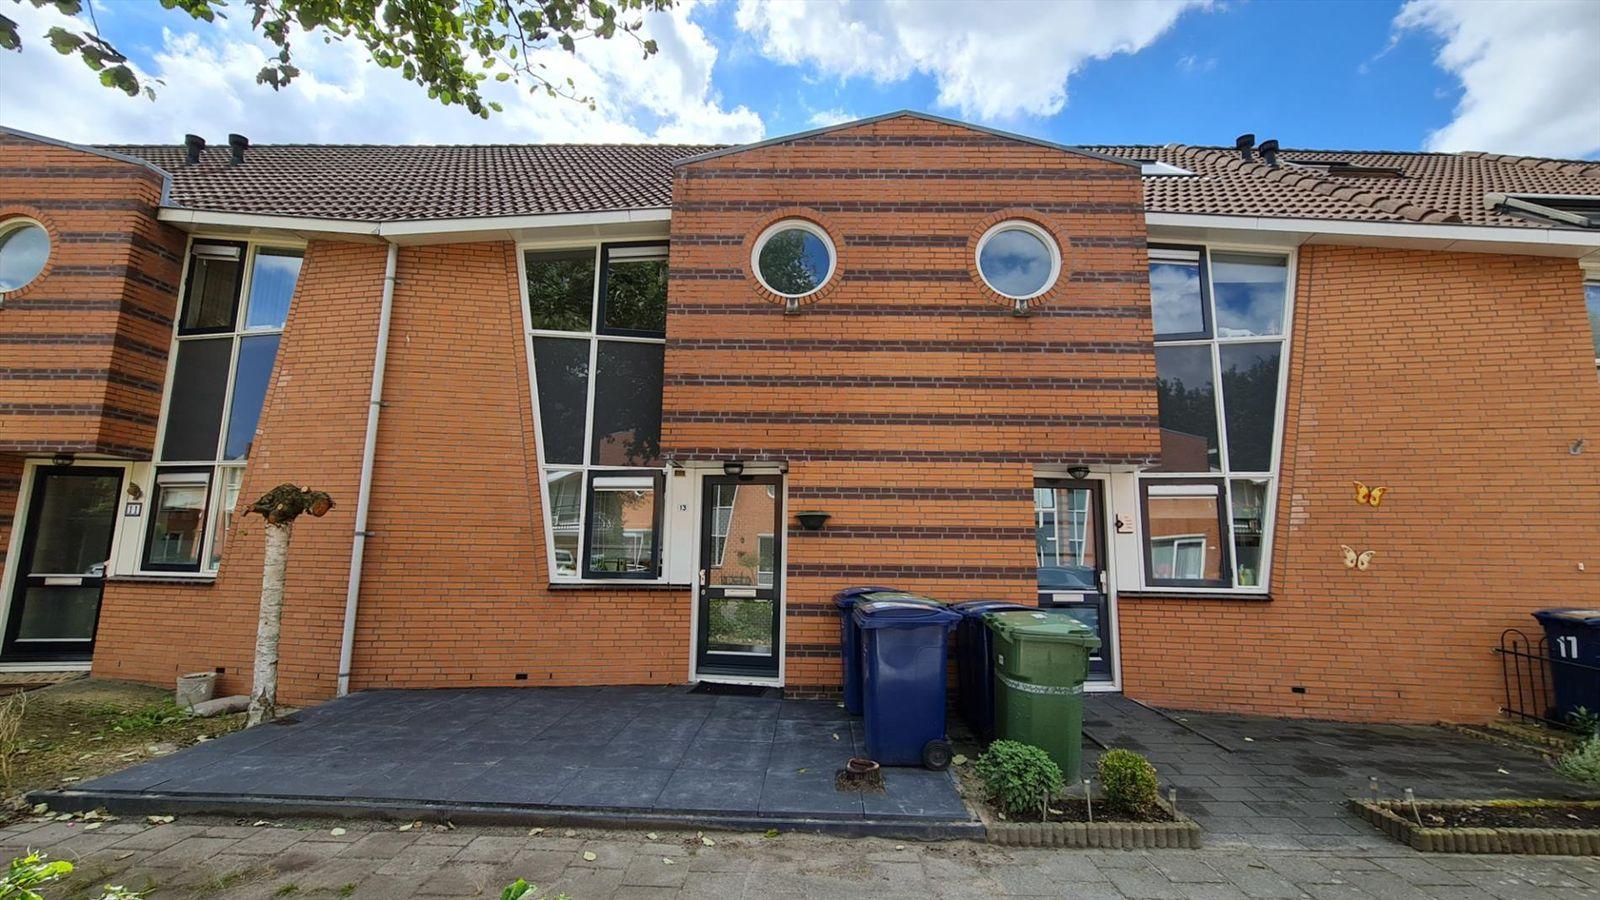 Folkloreweg 13., Almere